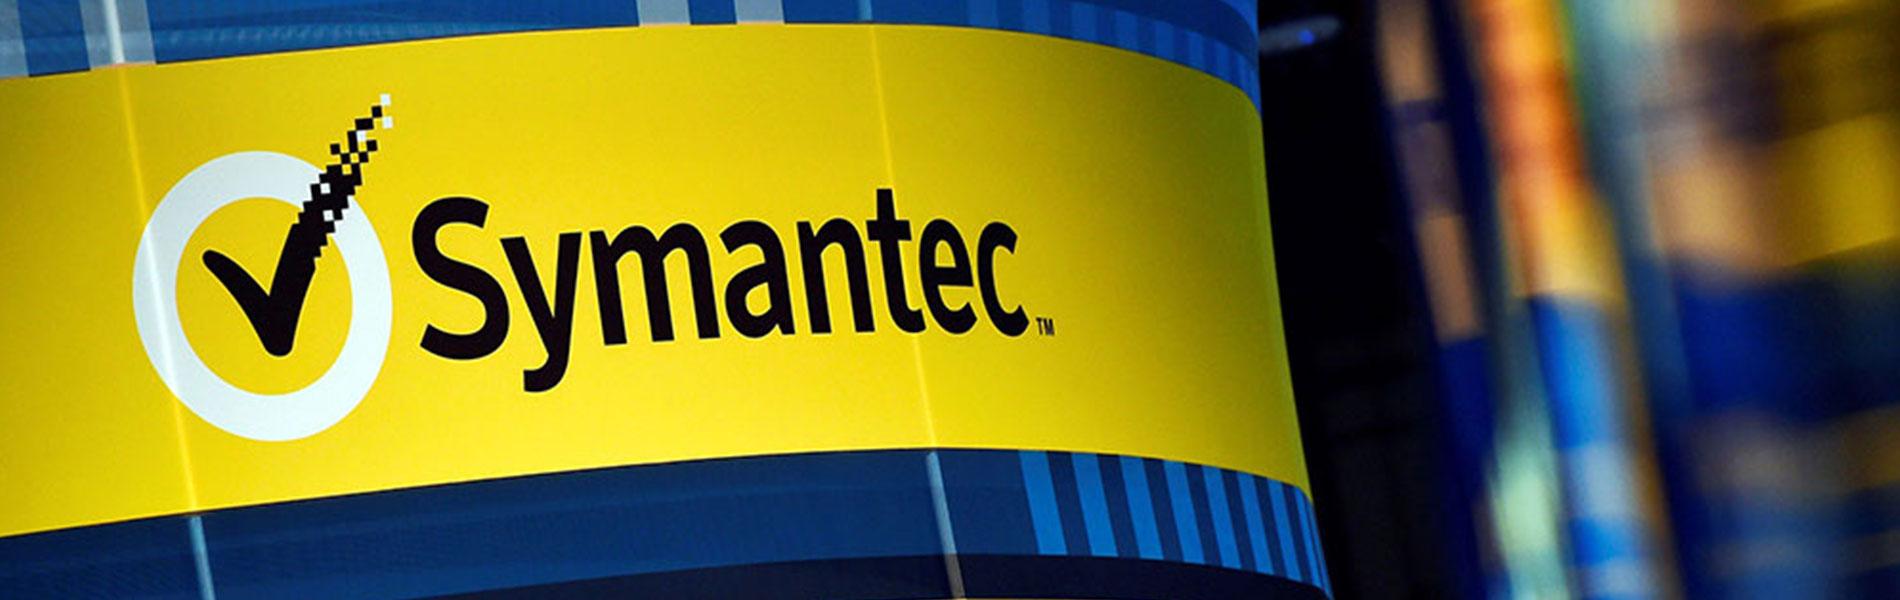 ssl-brand-symantec-00